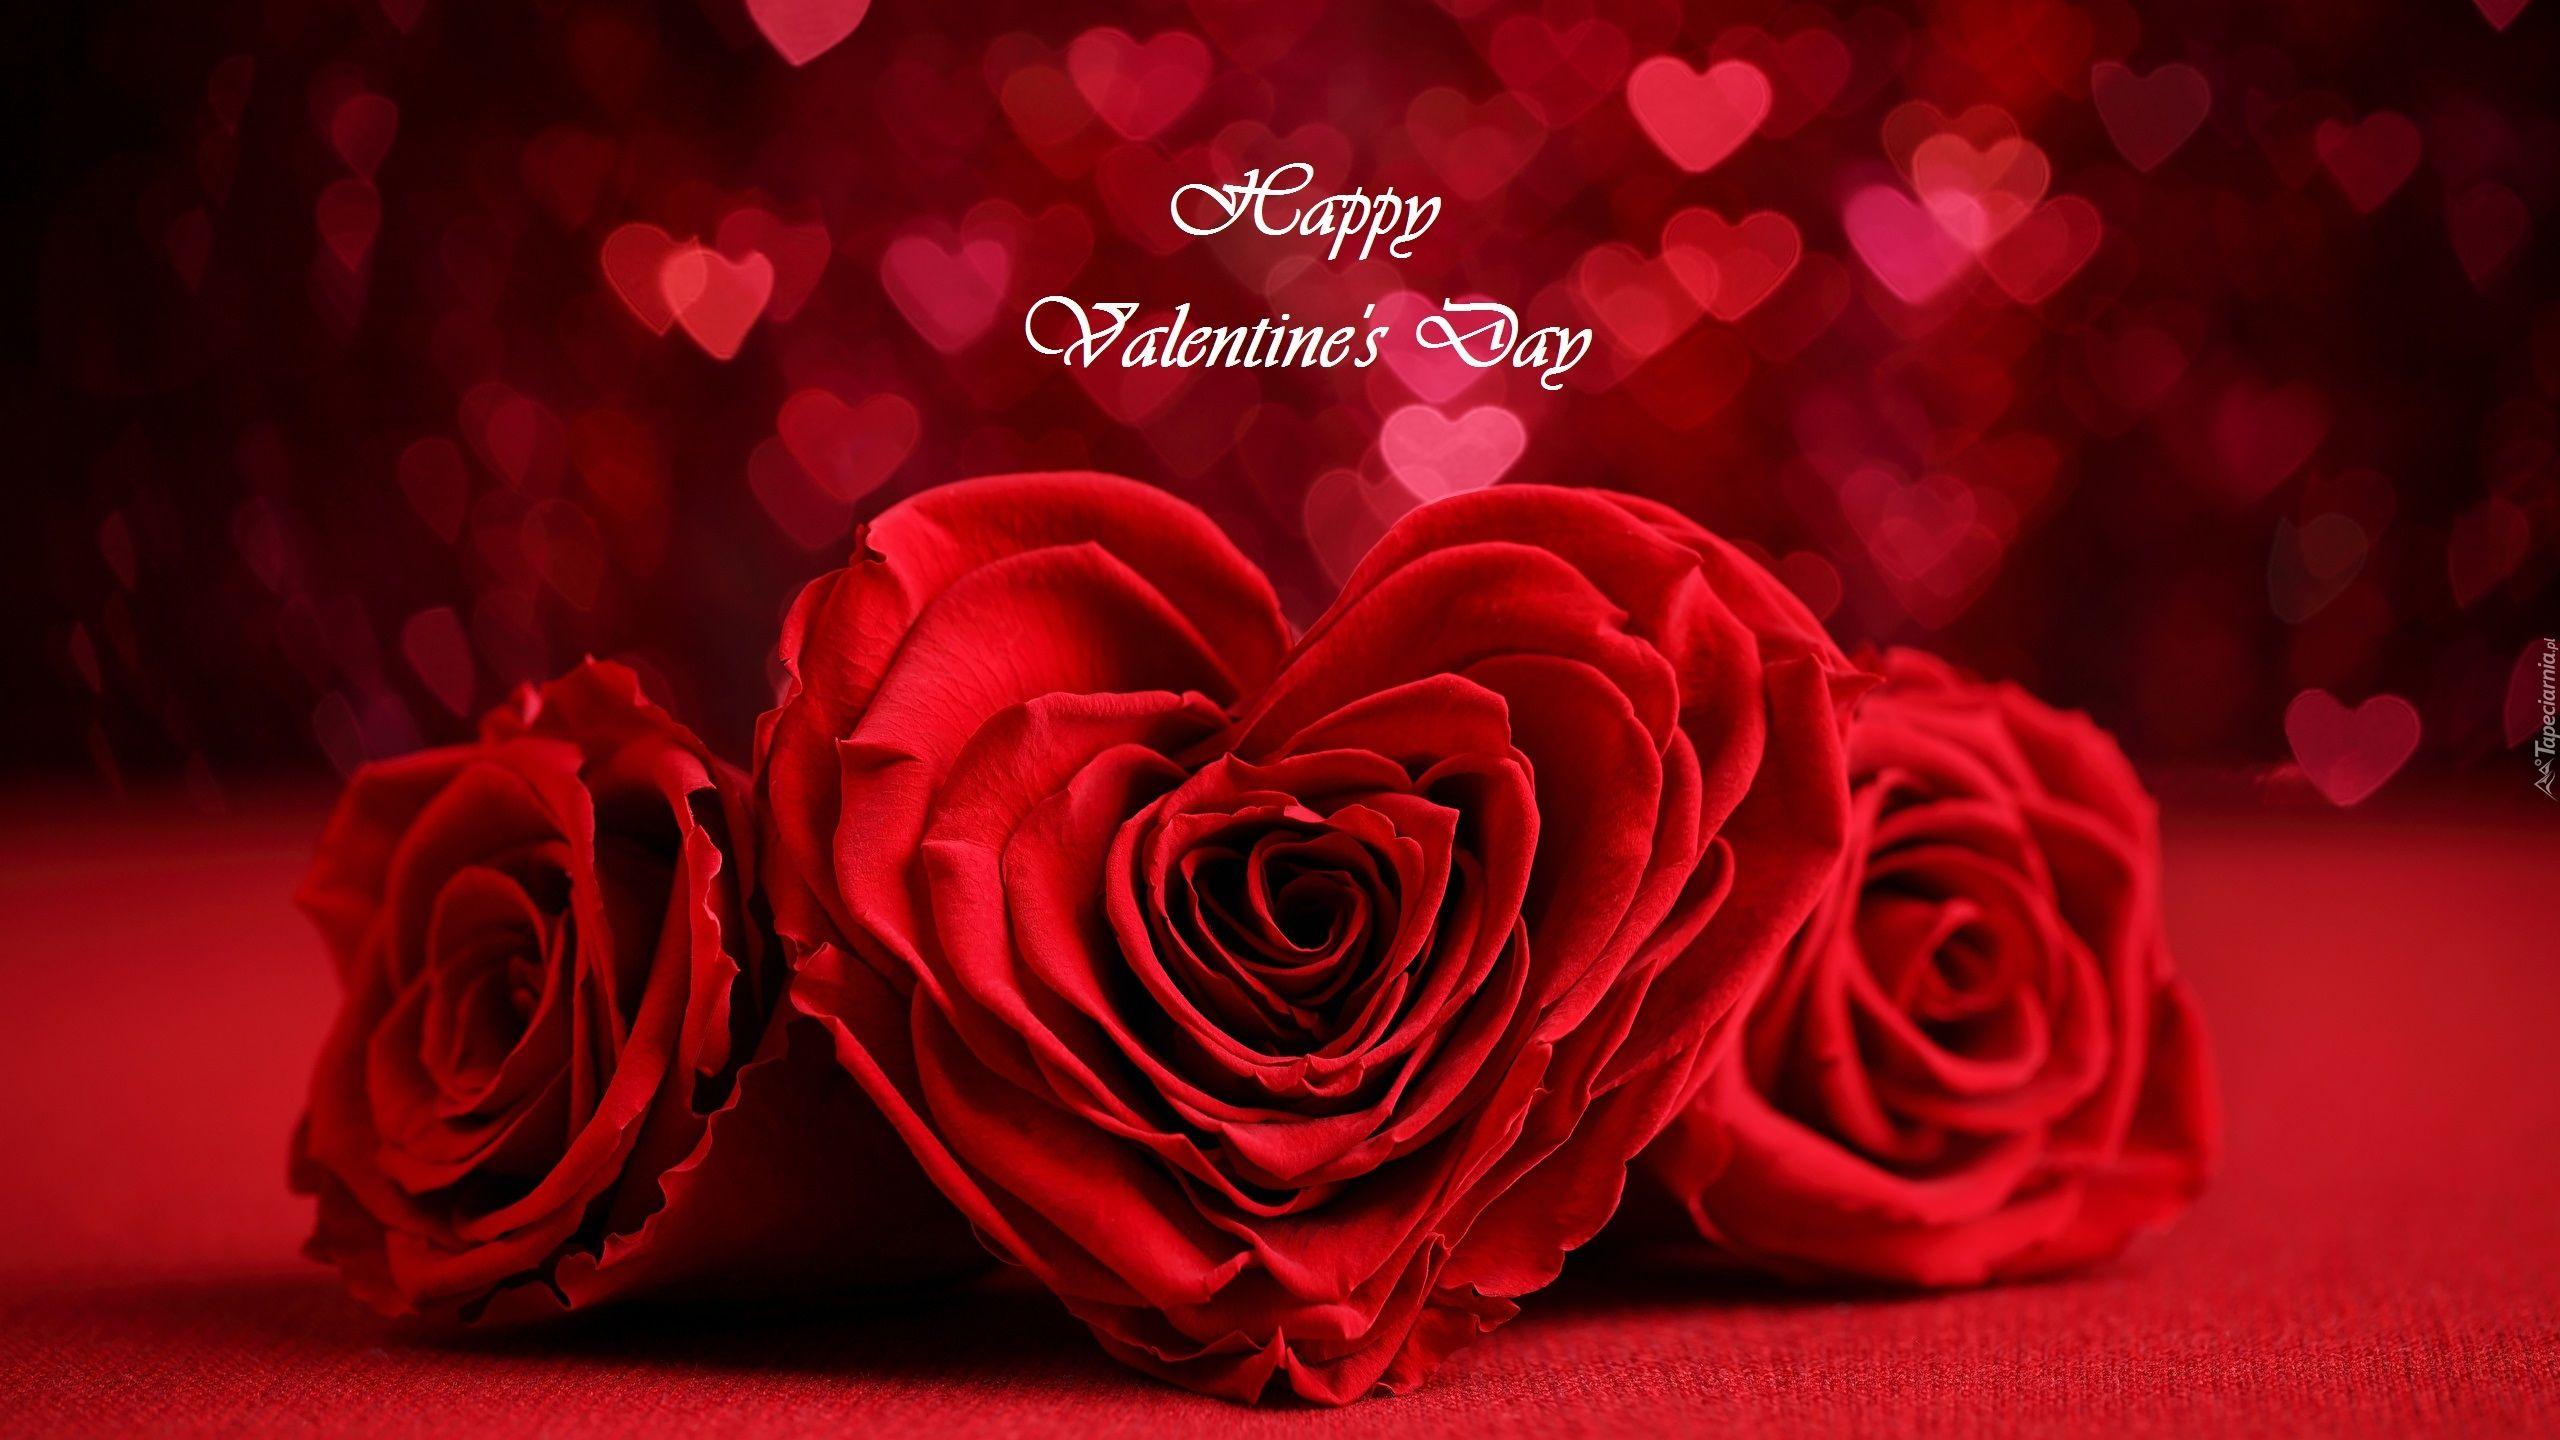 Walentynki Czerwone Roze Serce Napis Rose Day Wishes Instagram Posts